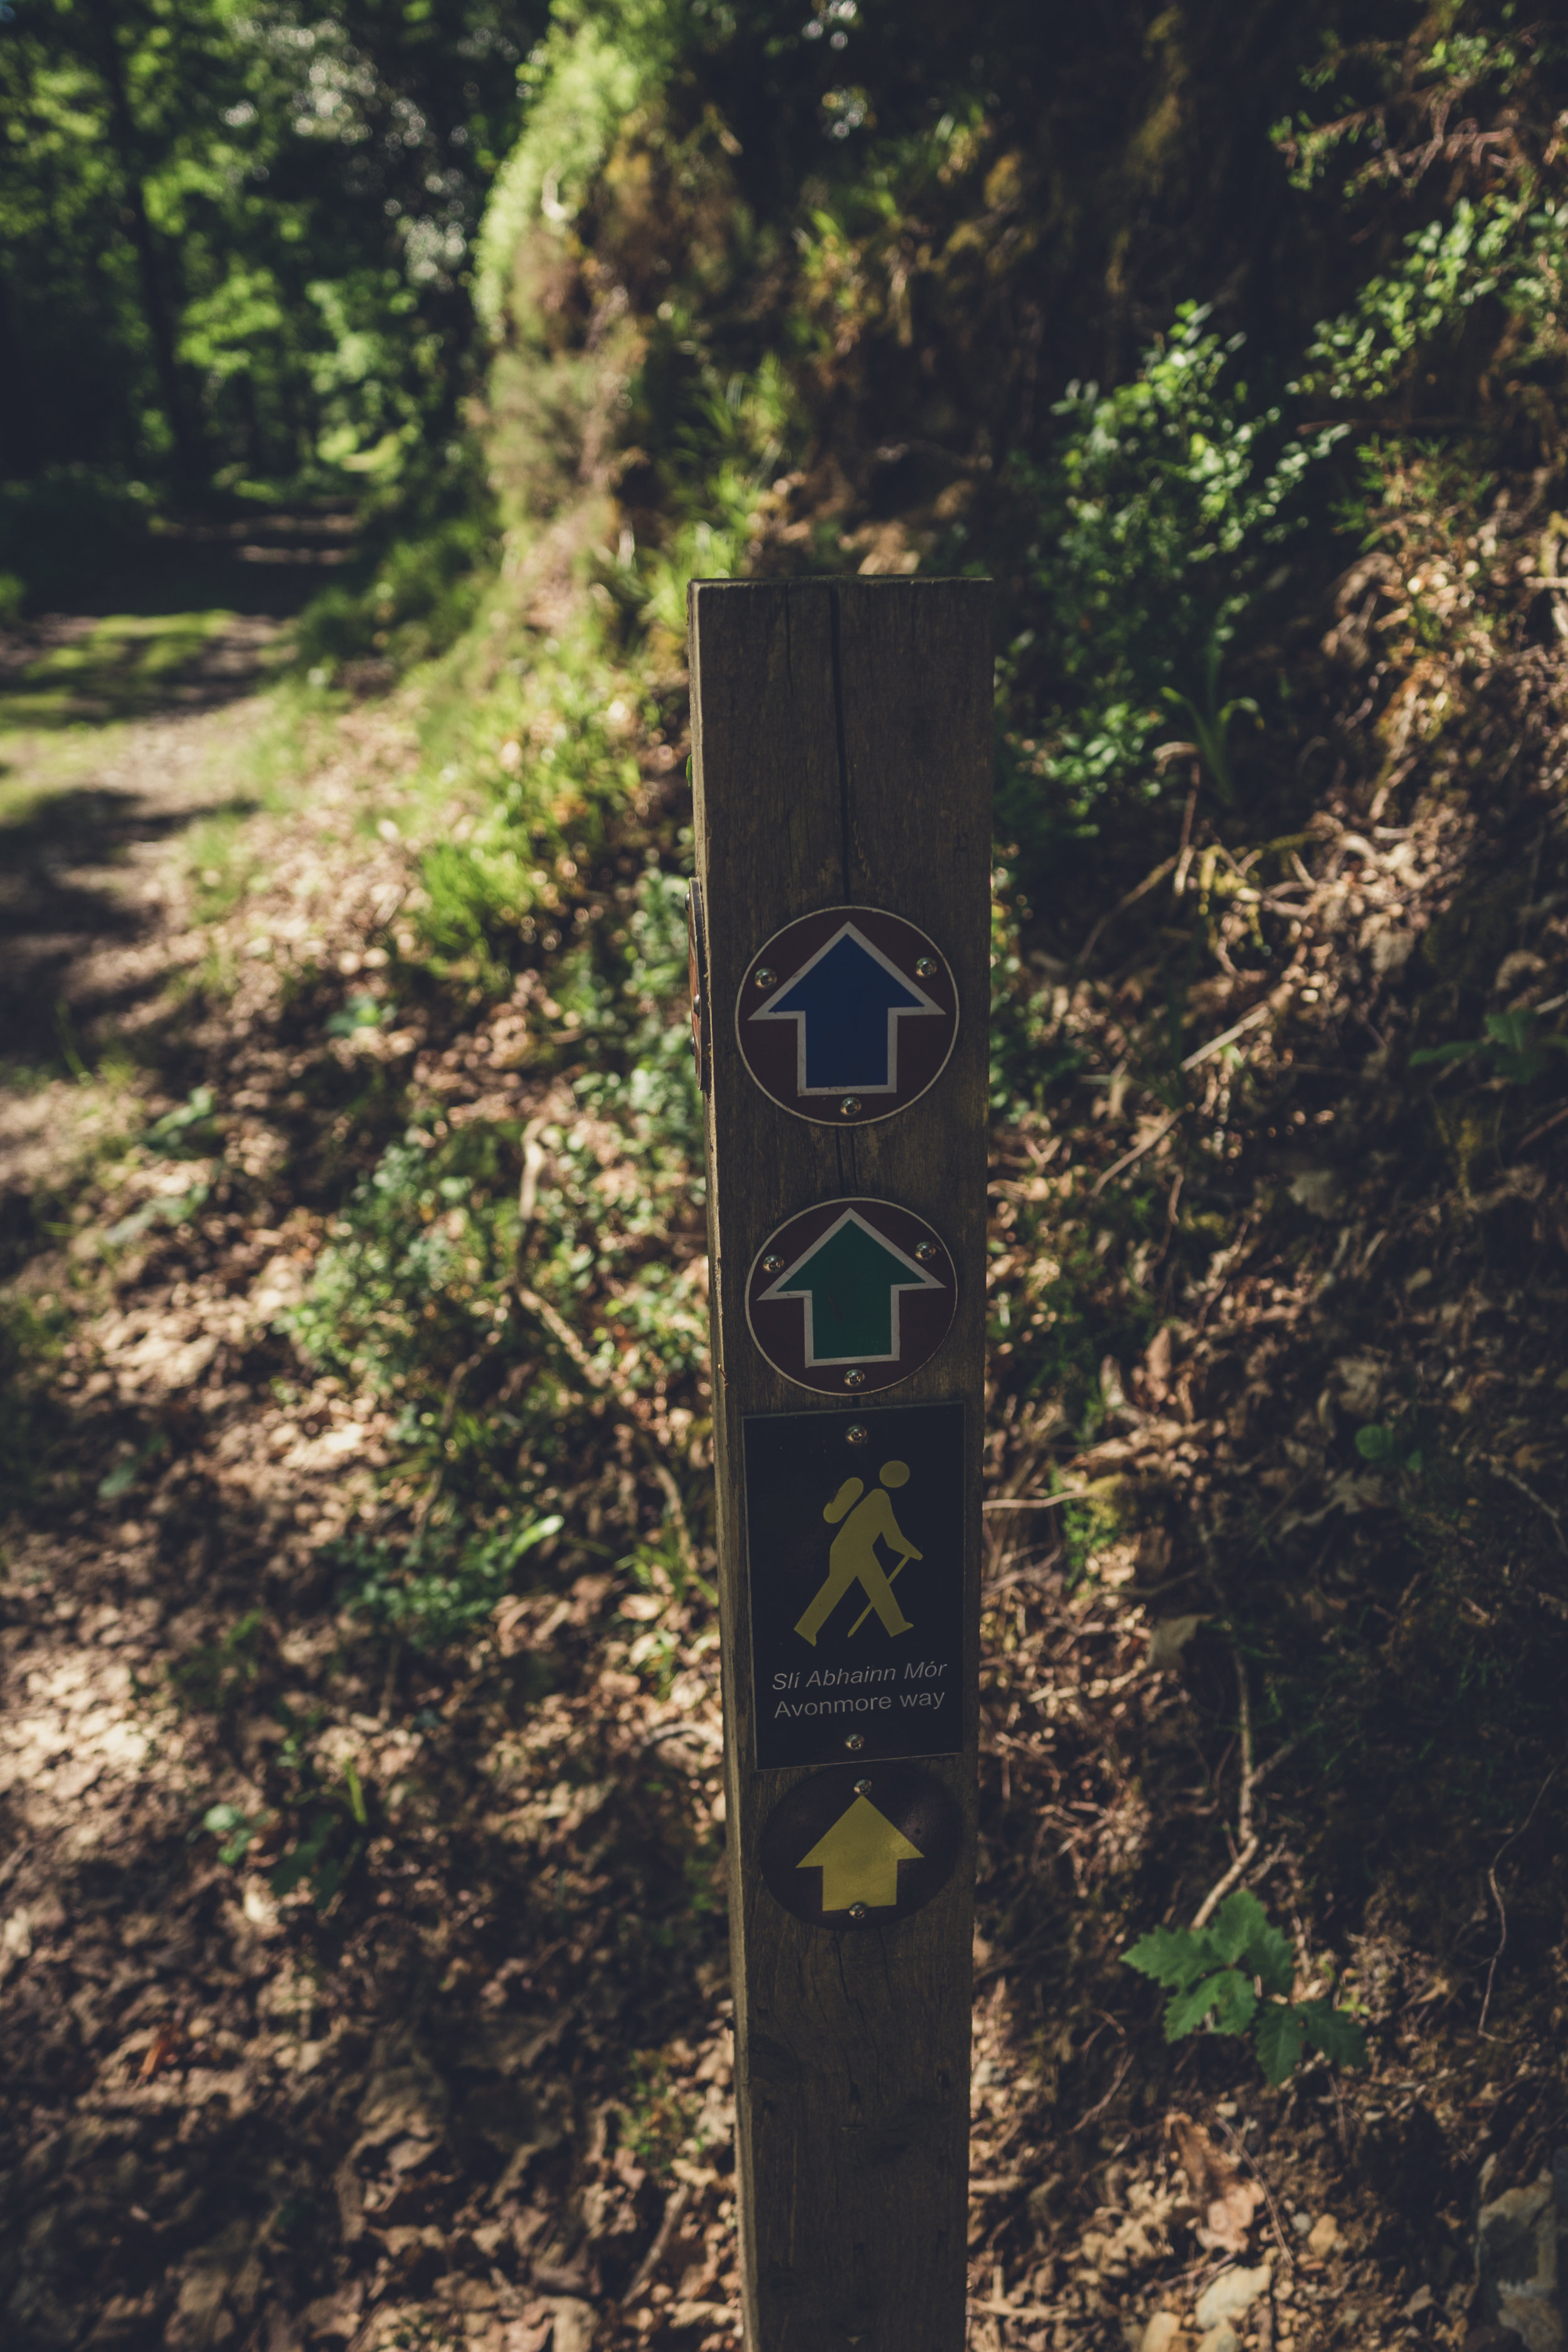 Vale of Clara. Walking in Wicklow. The garden of Ireland. Wicklow. Clara Vale. Ferns. Ireland. trees. photography. sunlight. trail markers. green. blue..jpg